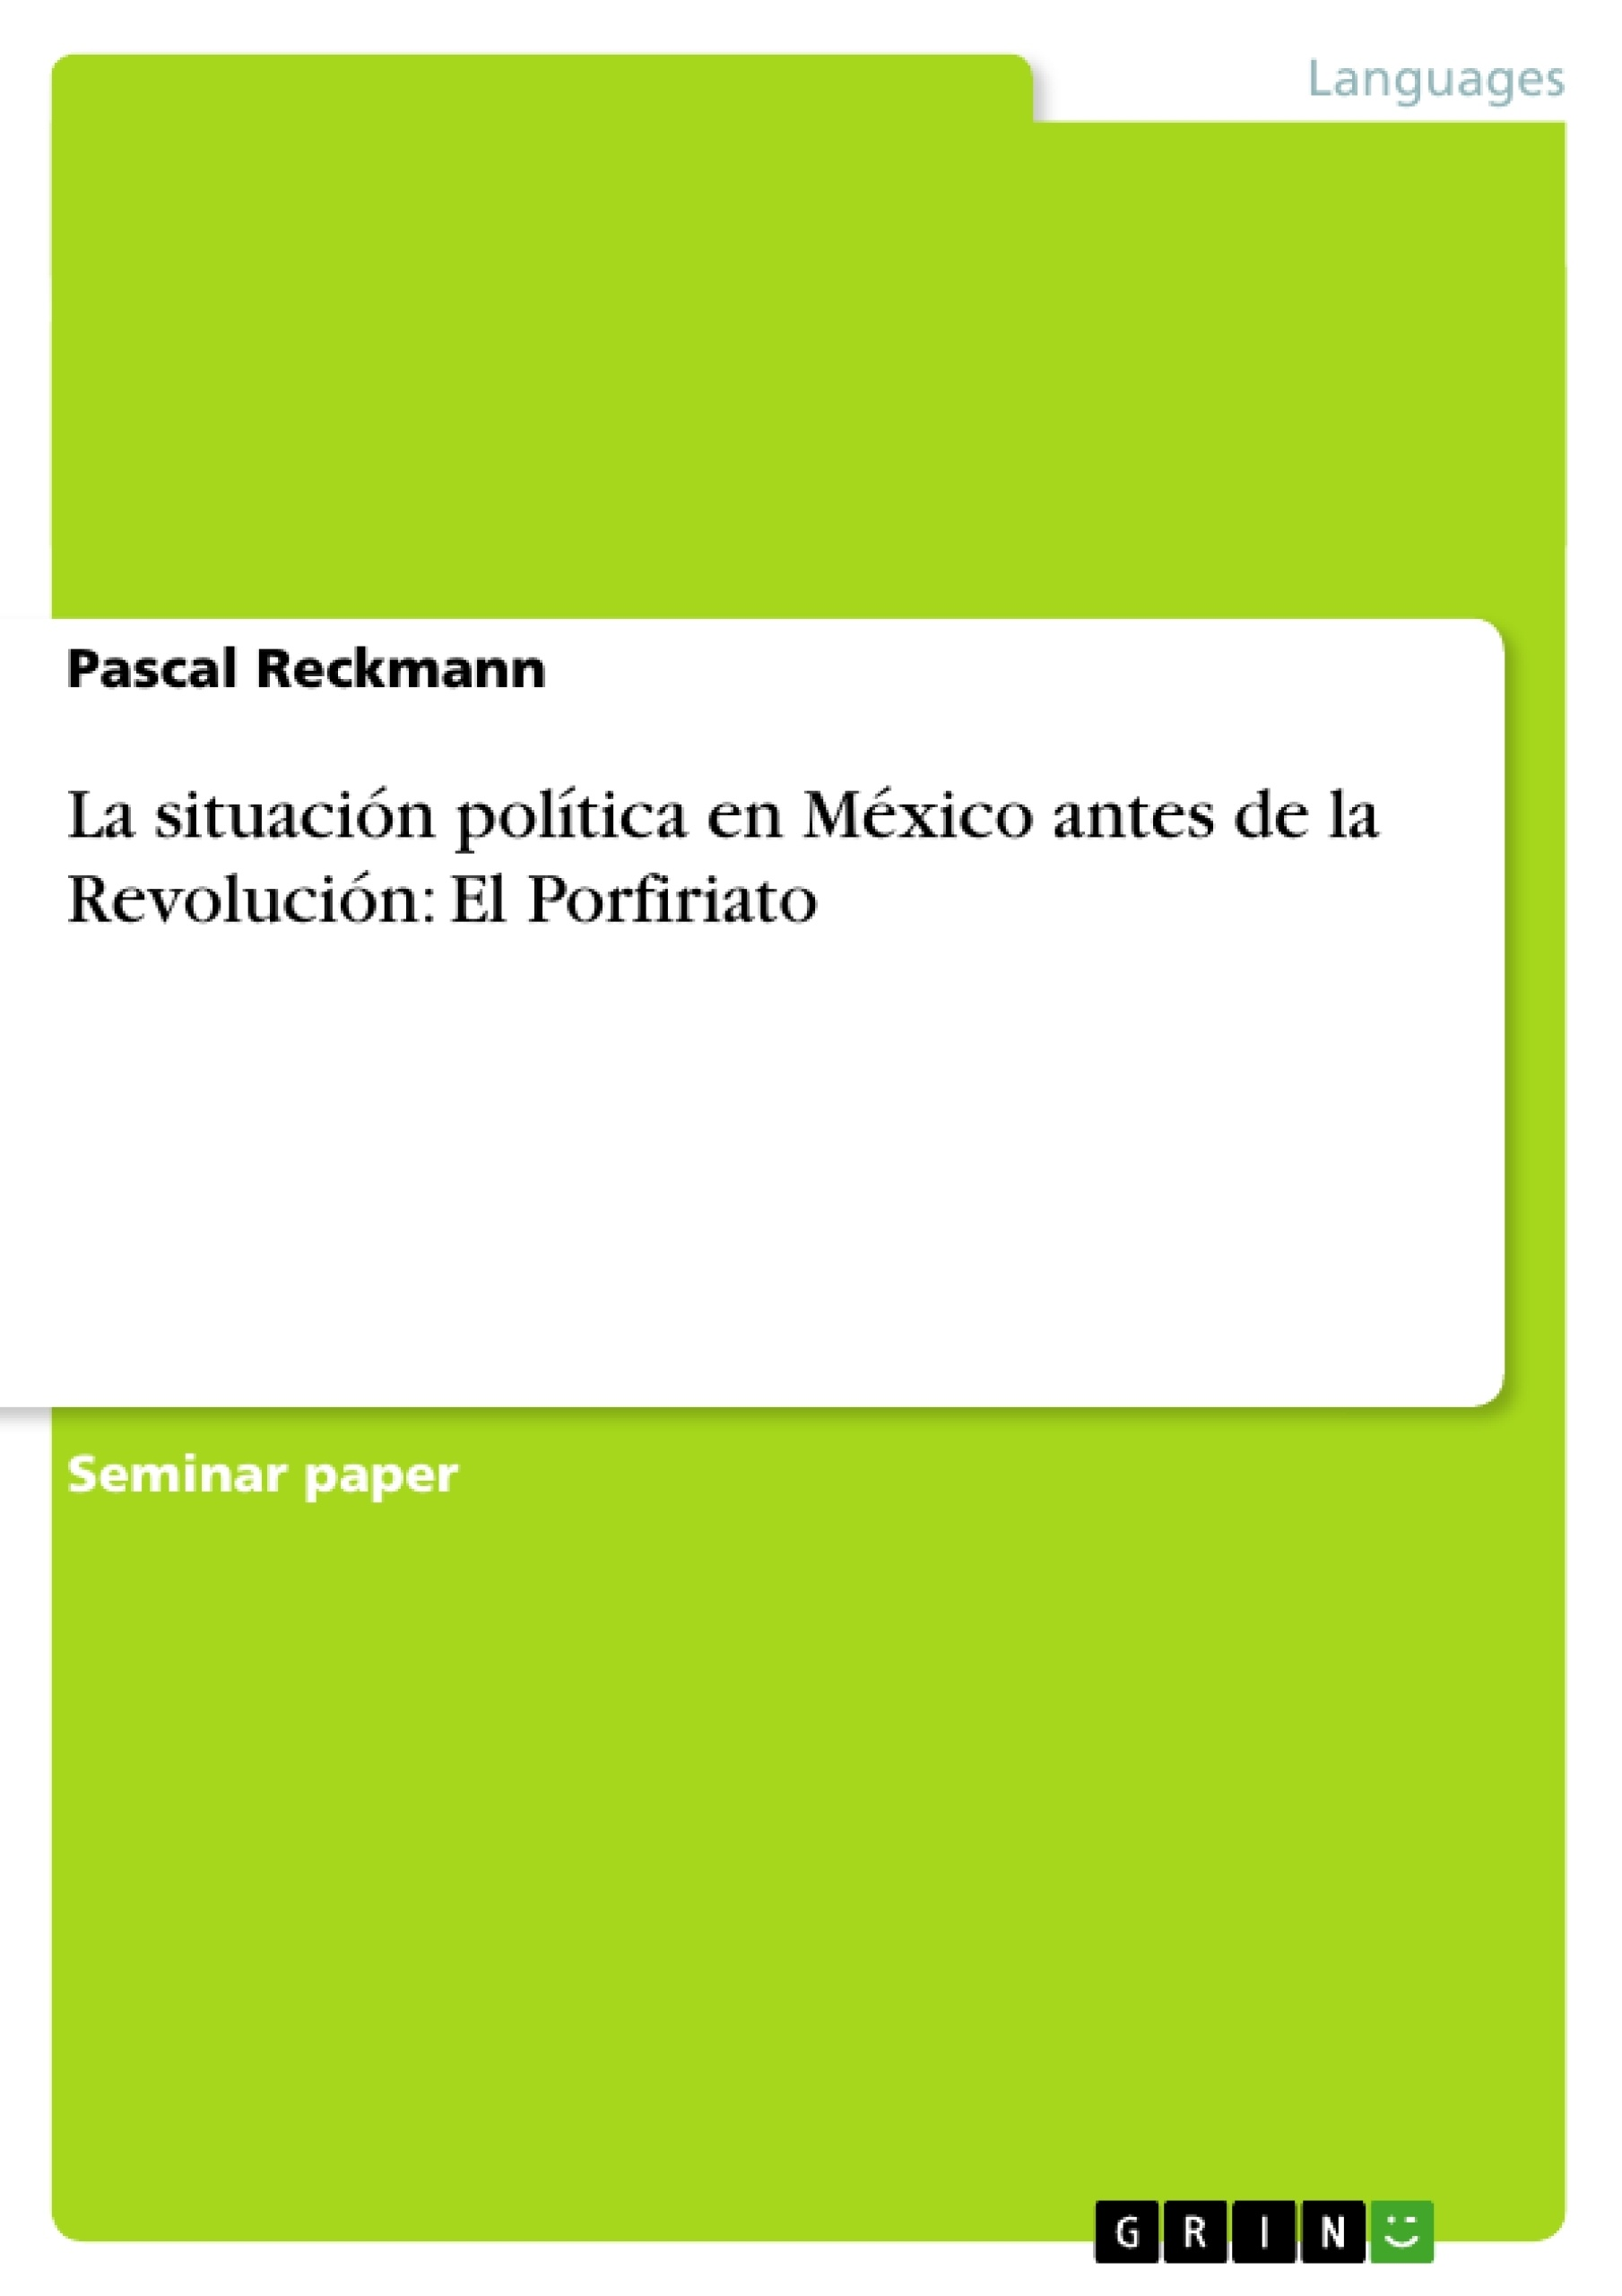 Título: La situación política en México antes de la Revolución: El Porfiriato